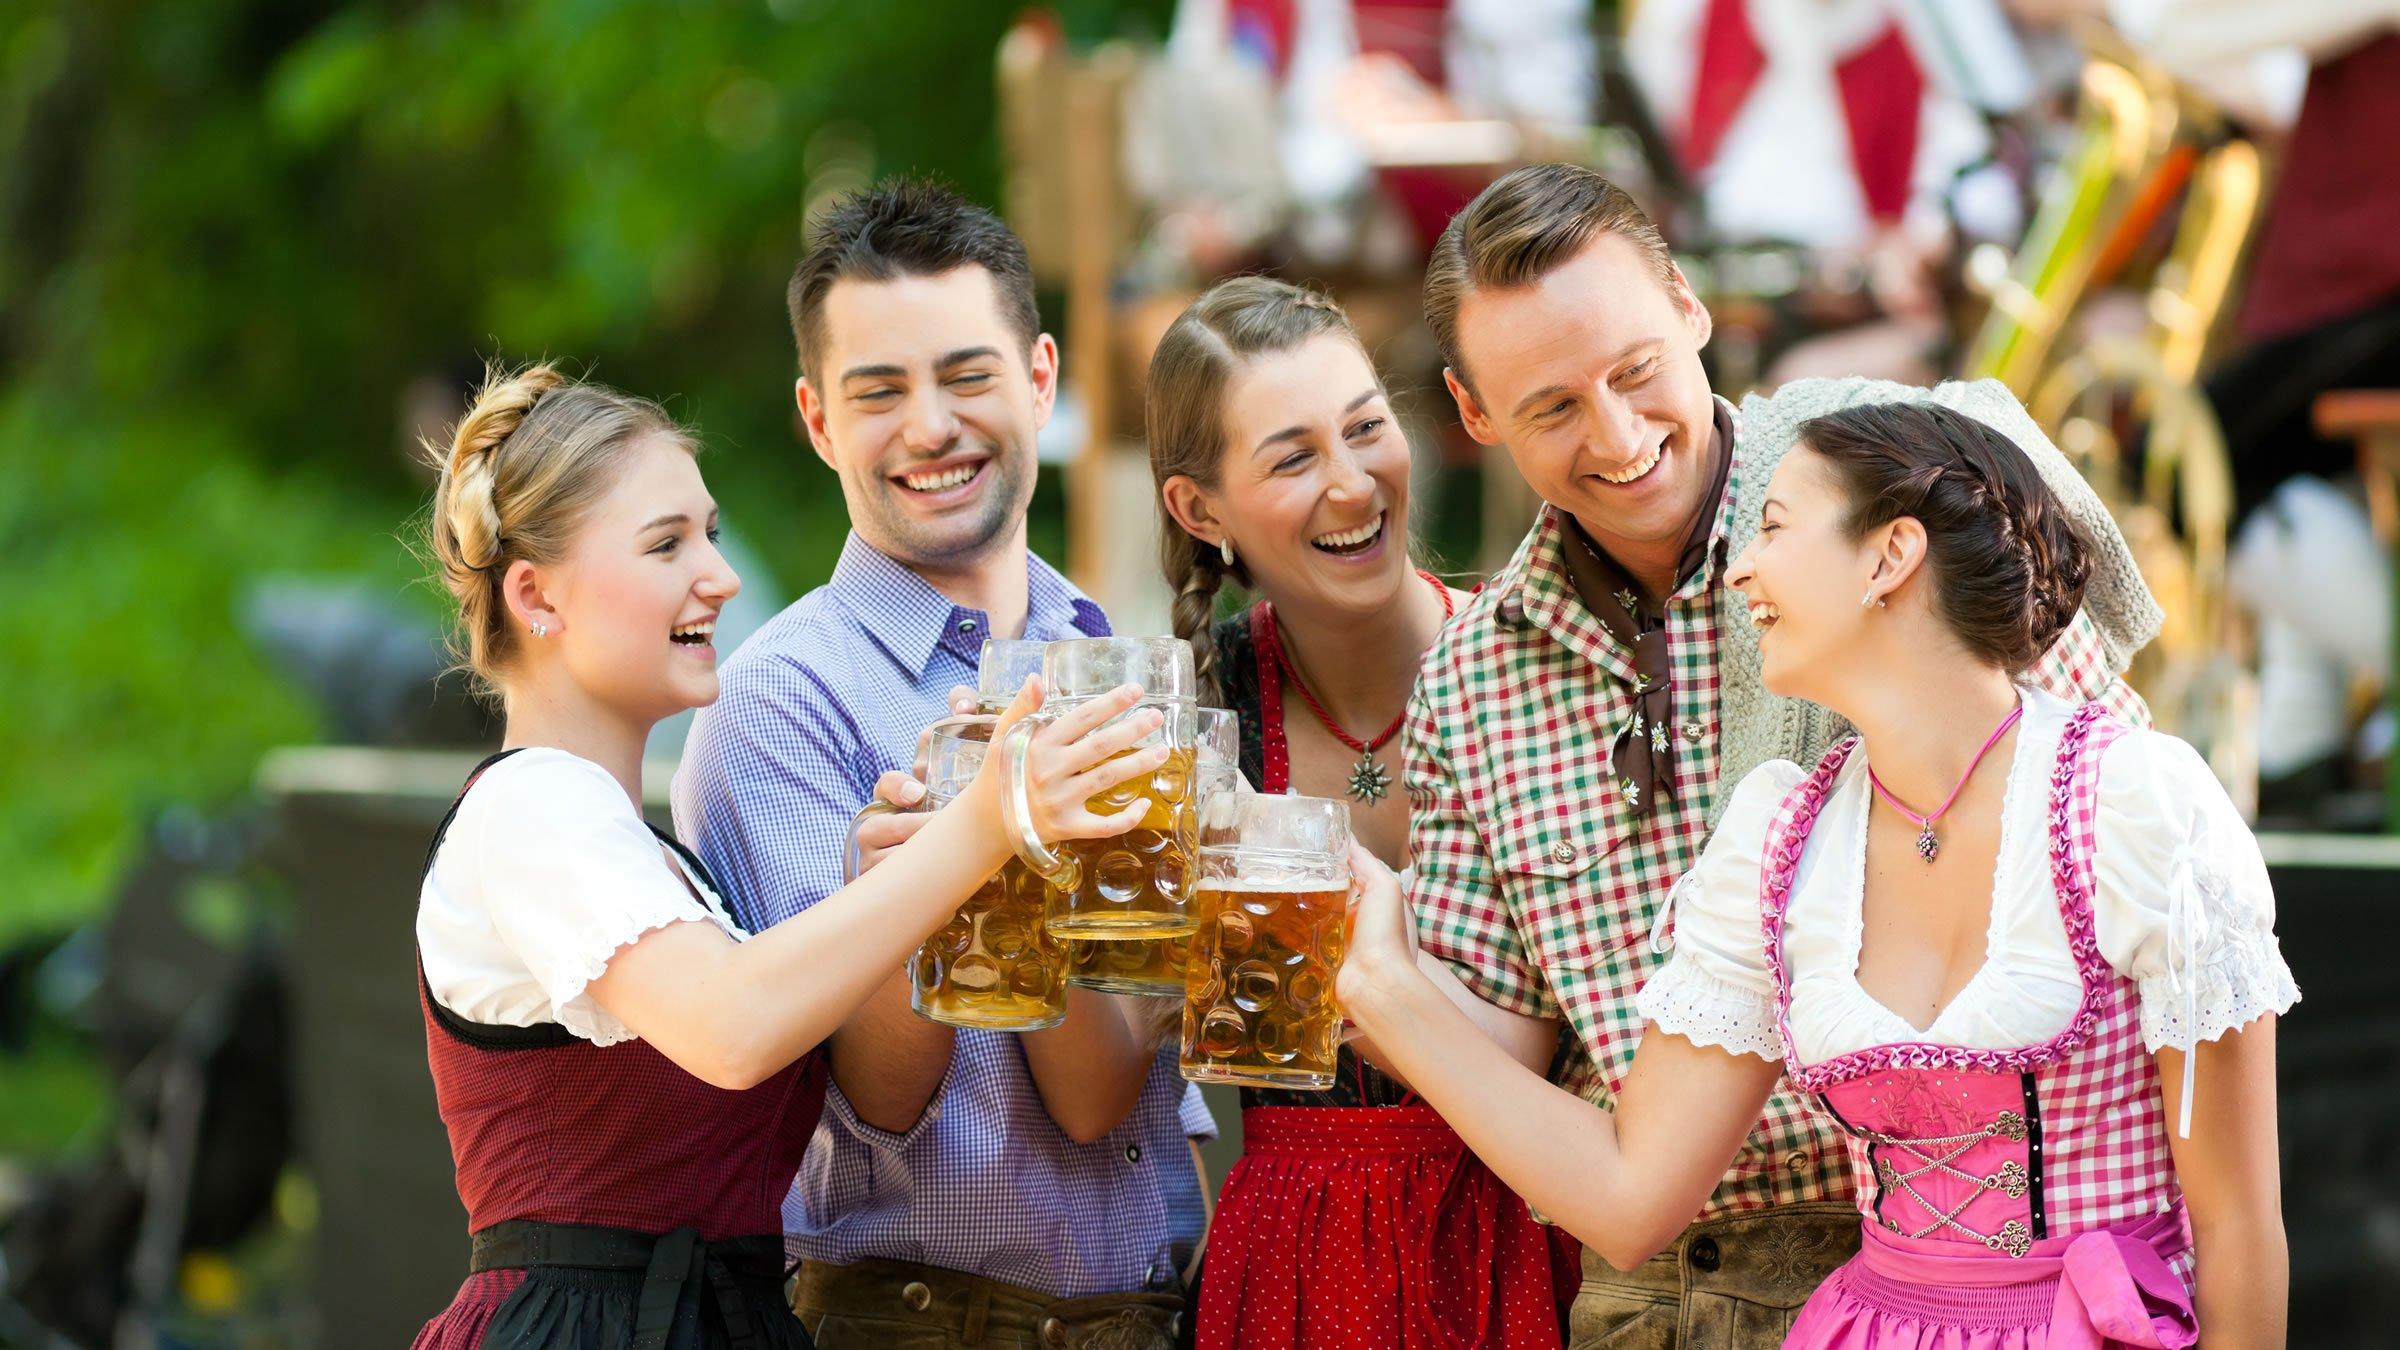 Cuáles son los trajes típicos de Alemania para hombre y mujer  f327bcc8d47